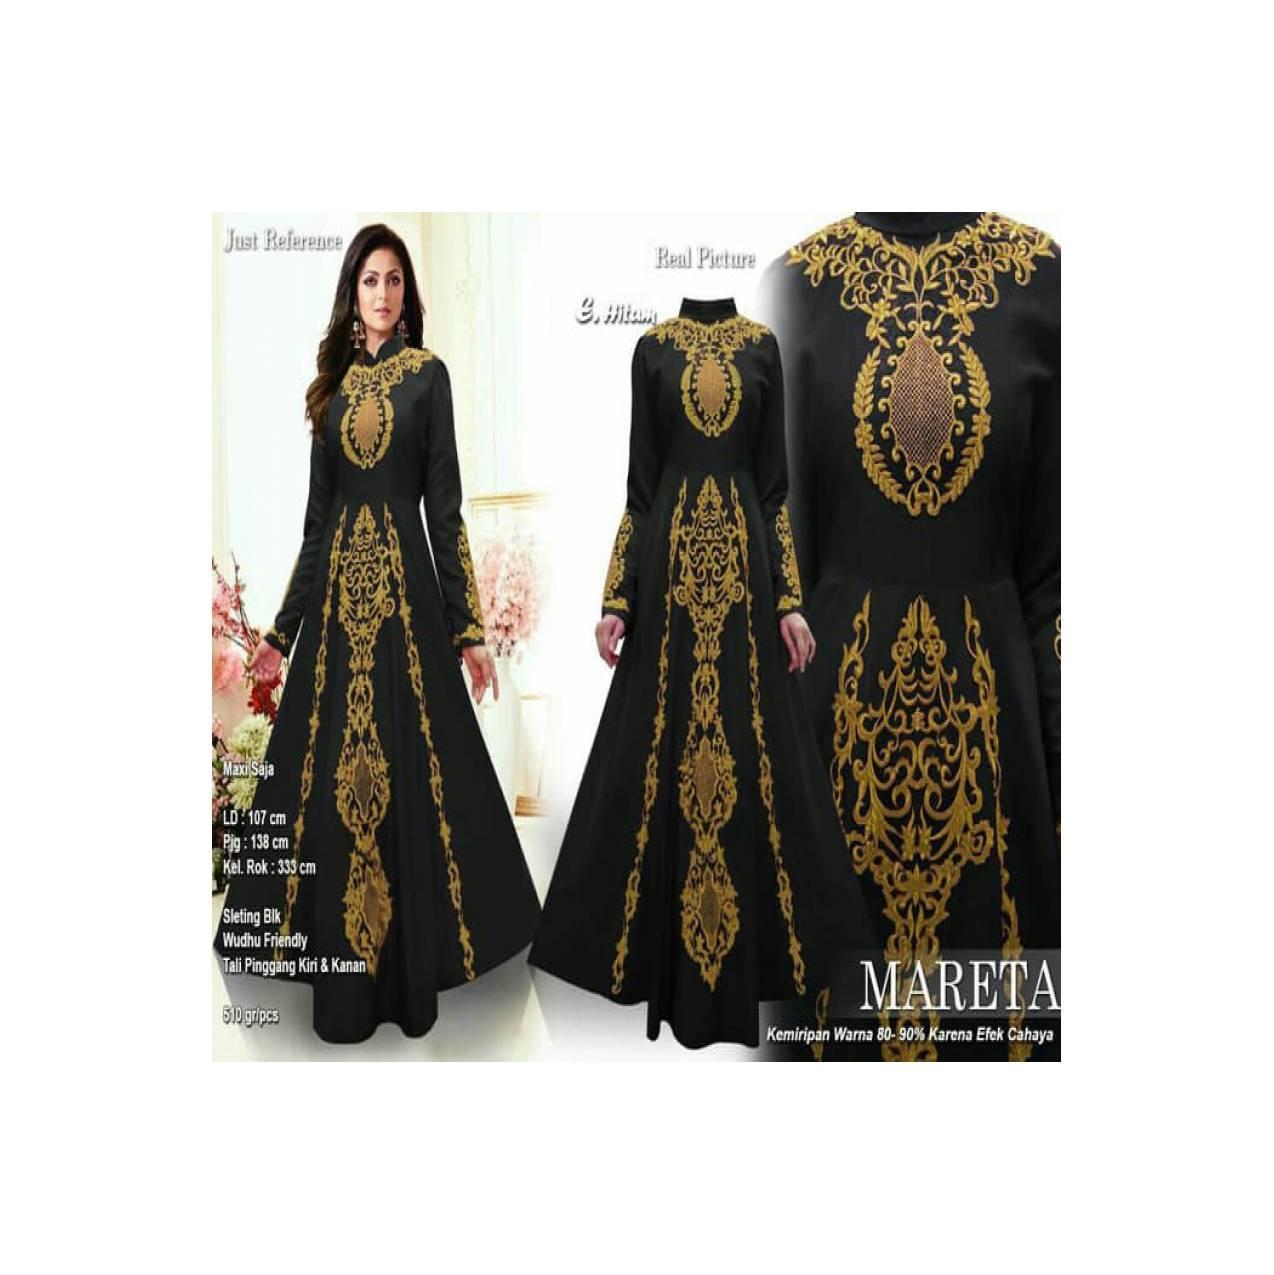 baju muslim wanita terbaru 120124 GAMIS PESTA MARETA MEWAH HITAM